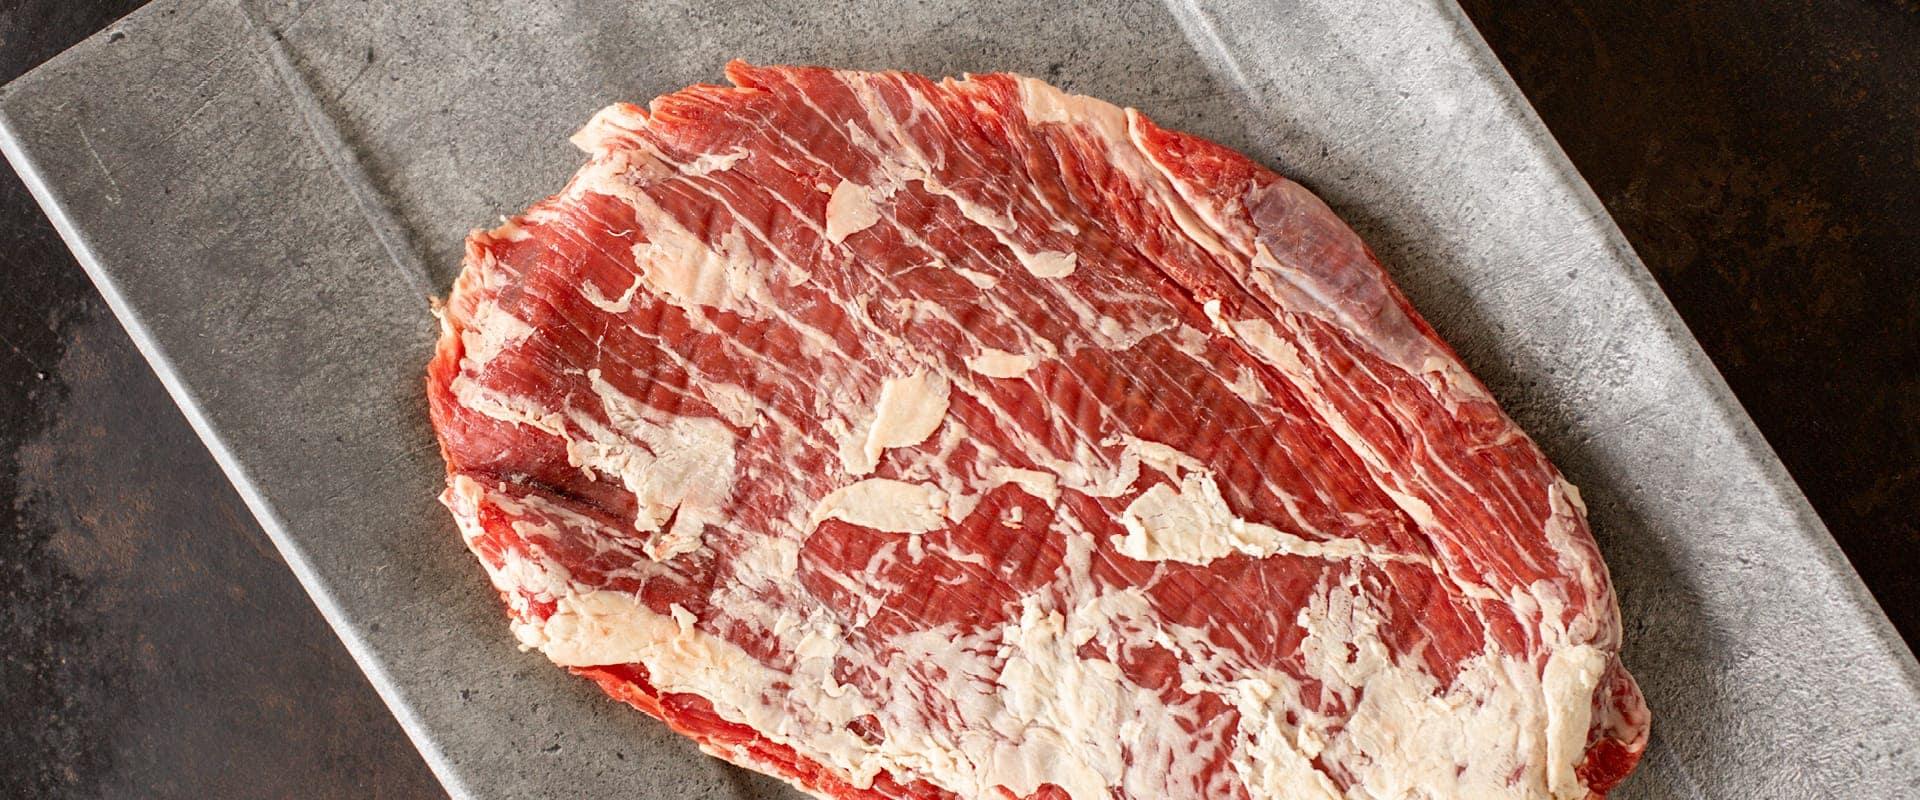 Das Flank-Steak: Der kernige Cut aus dem Bauchlappen